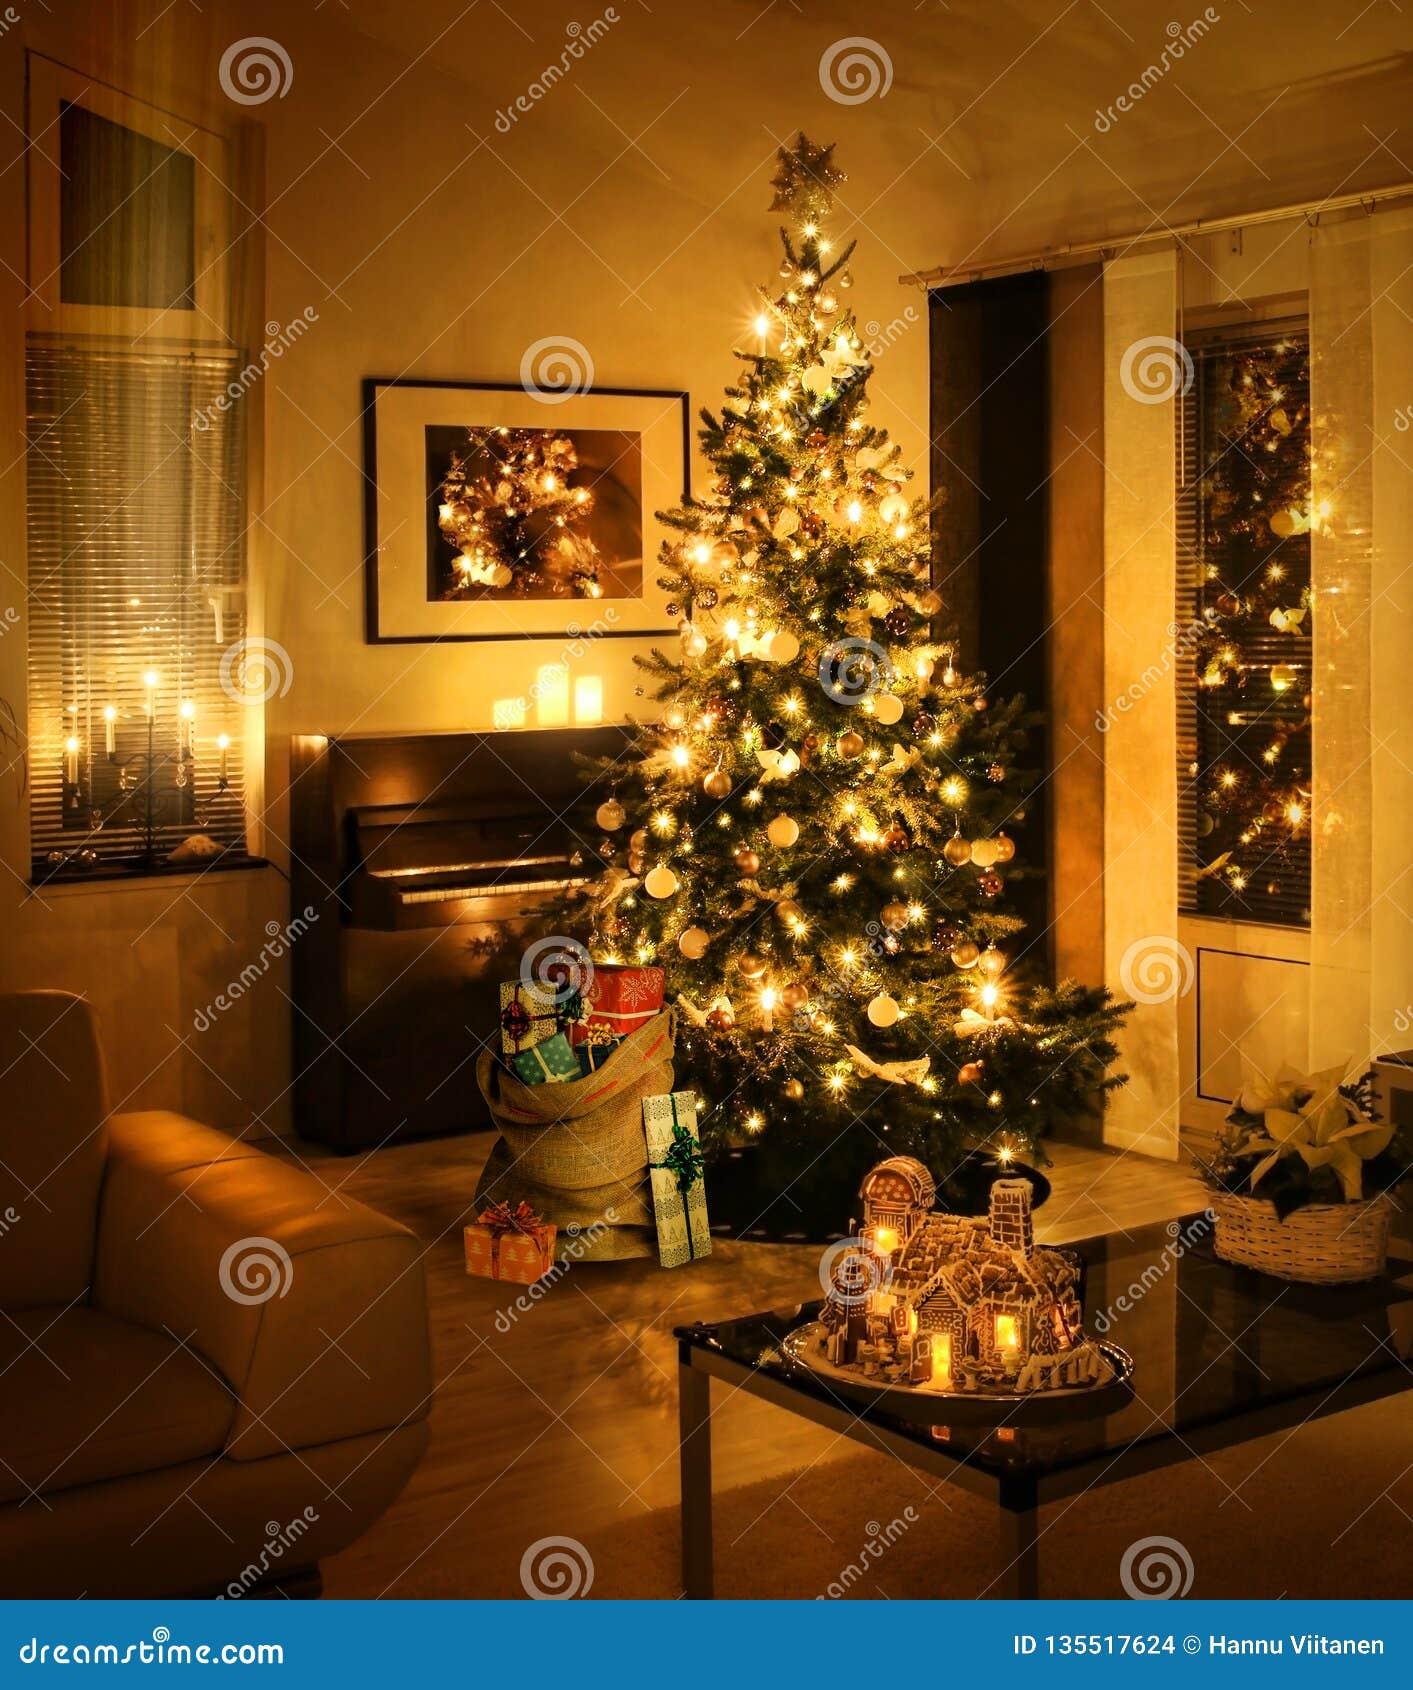 Christmas tree with present sack